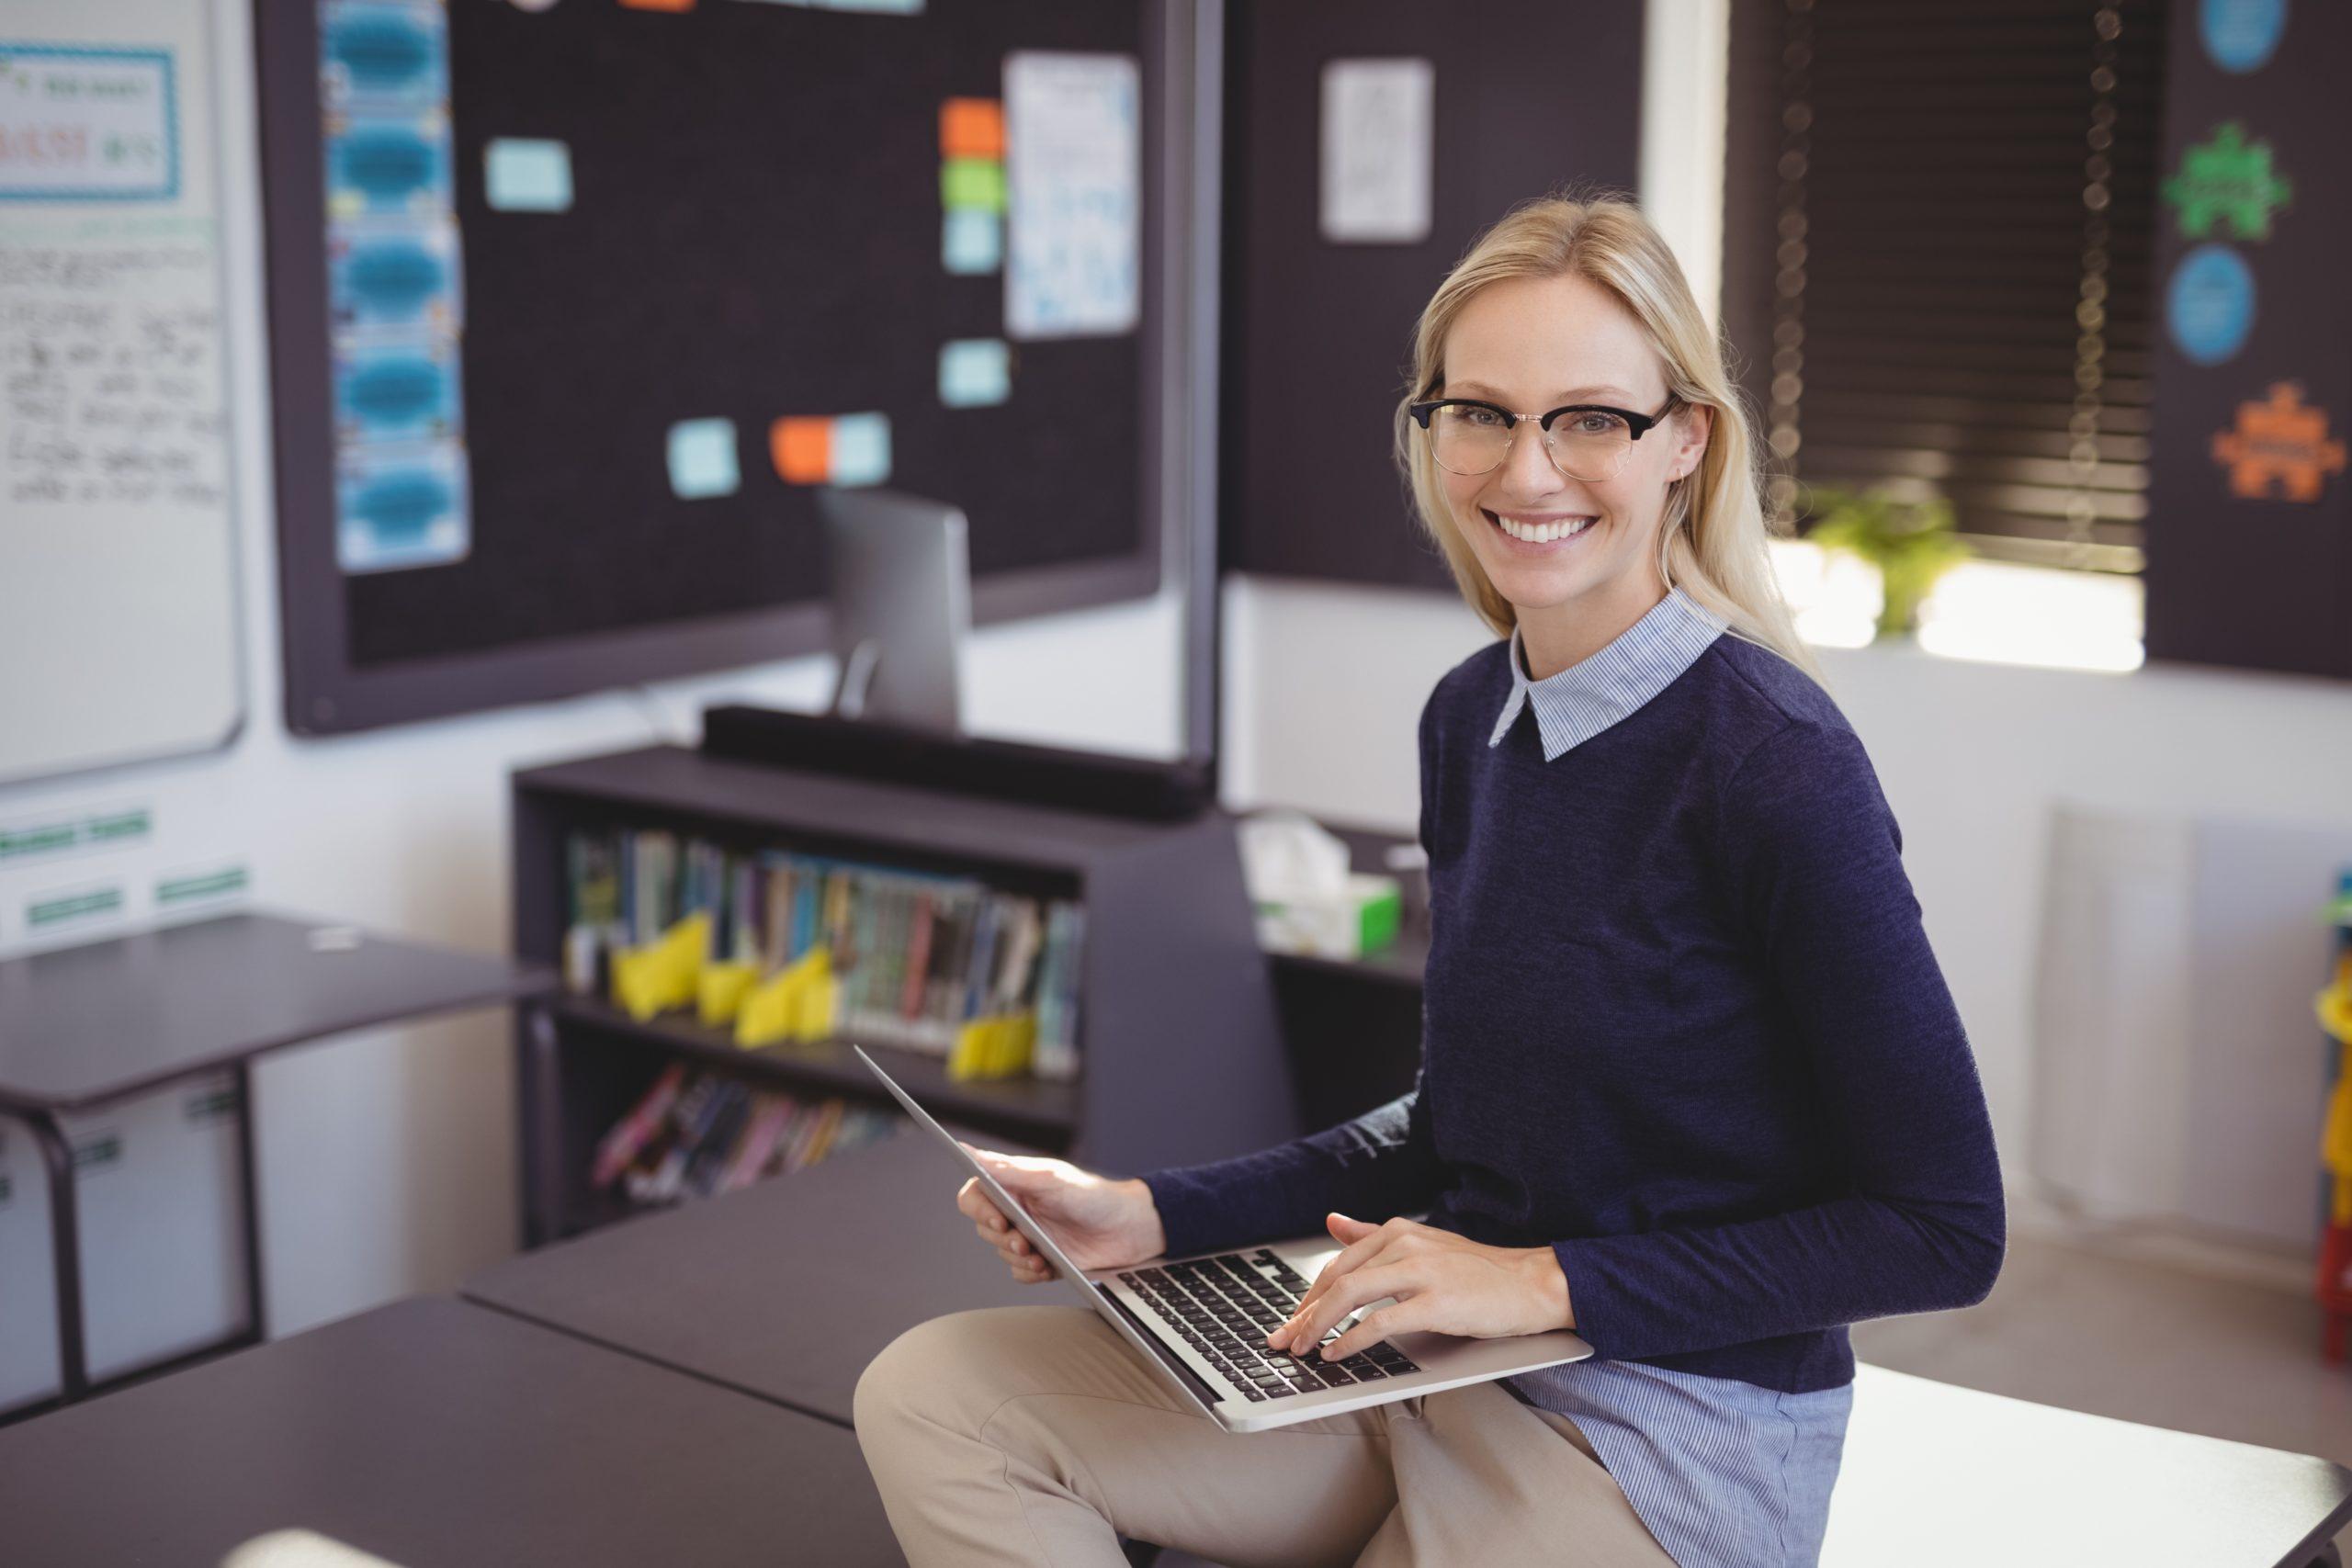 Kun tekniikka toimii, opettaja voi keskittyä tärkeinpään eli opettamiseen